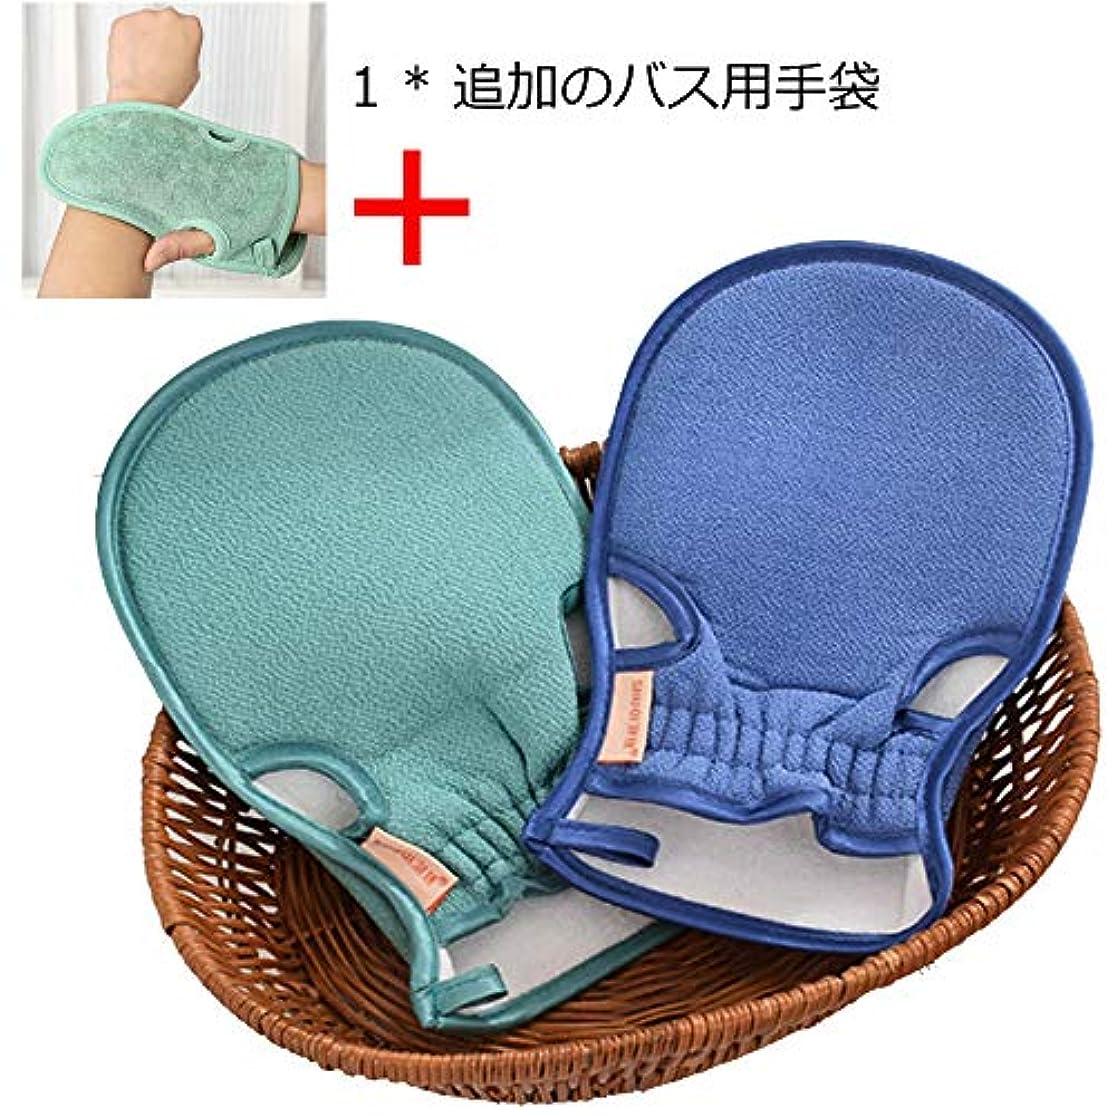 タイヤ杖ベギンNO.1 Direct 2パック浴用手袋 あかすり ボディタオル 入浴用品 バス用品 垢すり手袋 毛穴清潔 角質除去 男女兼用